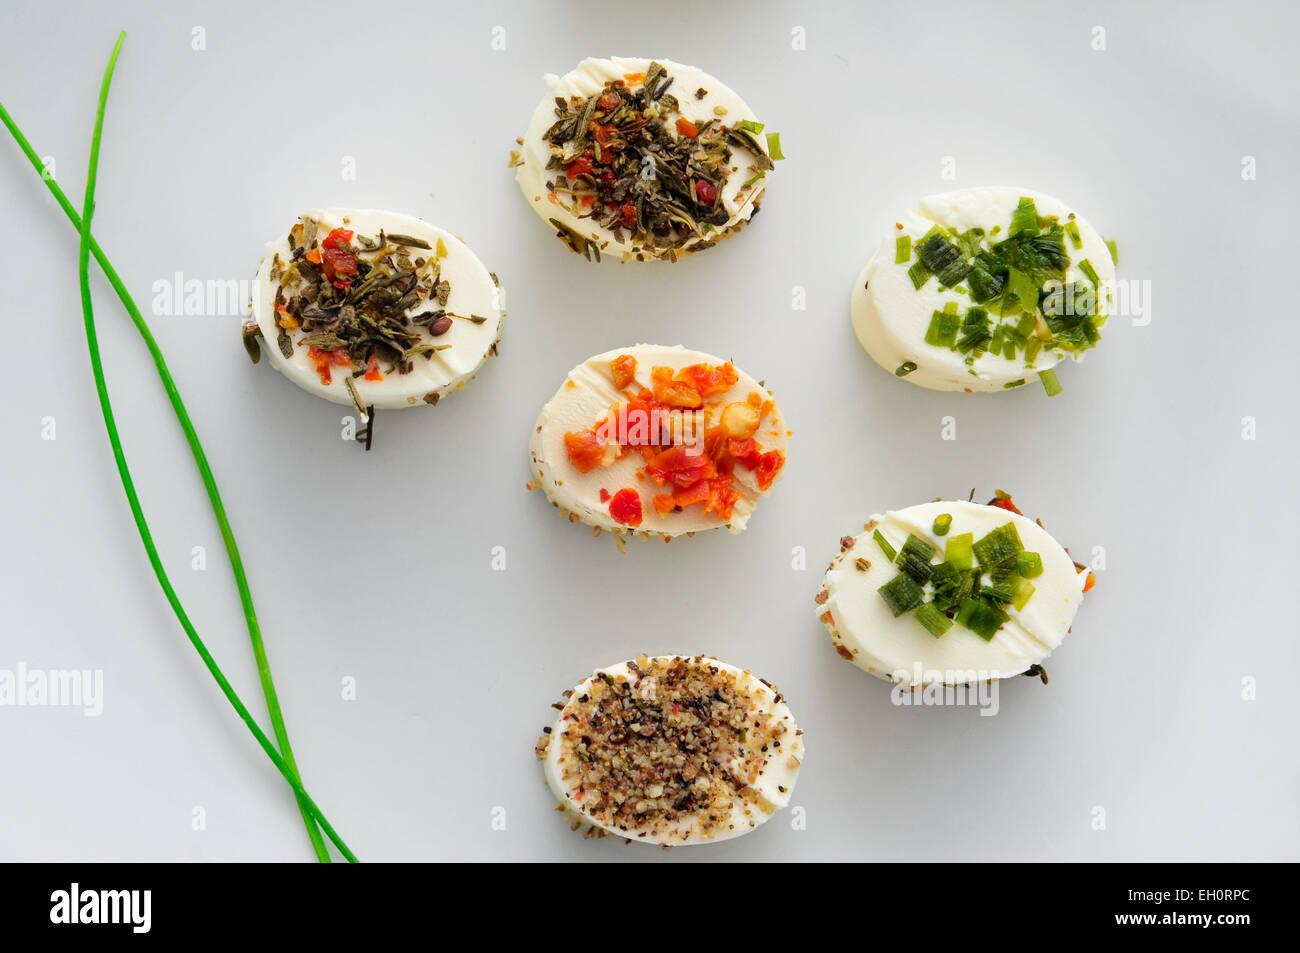 Una piastra con alcune diverse tartine, con crema di formaggio e spezie varie, servita come antipasto Immagini Stock